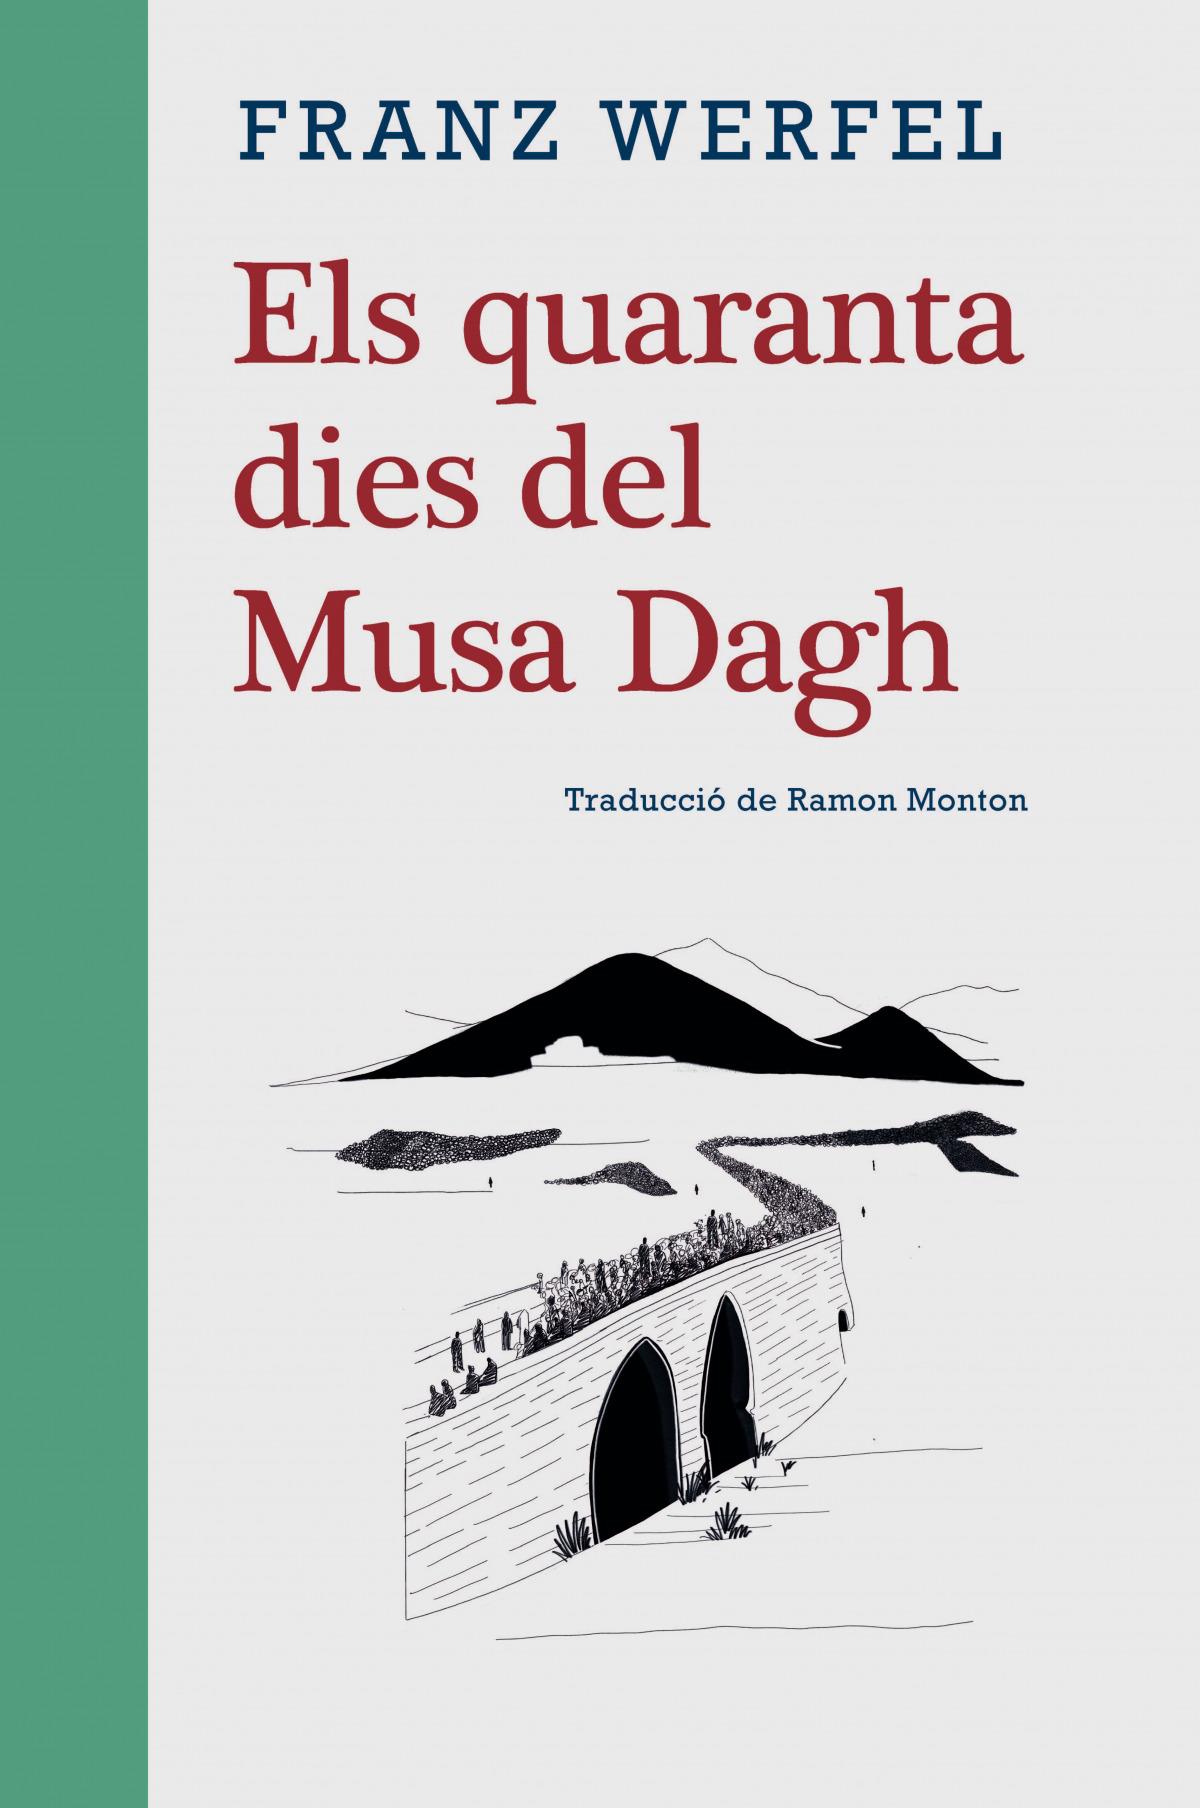 Els quaranta dies del Musa Dagh